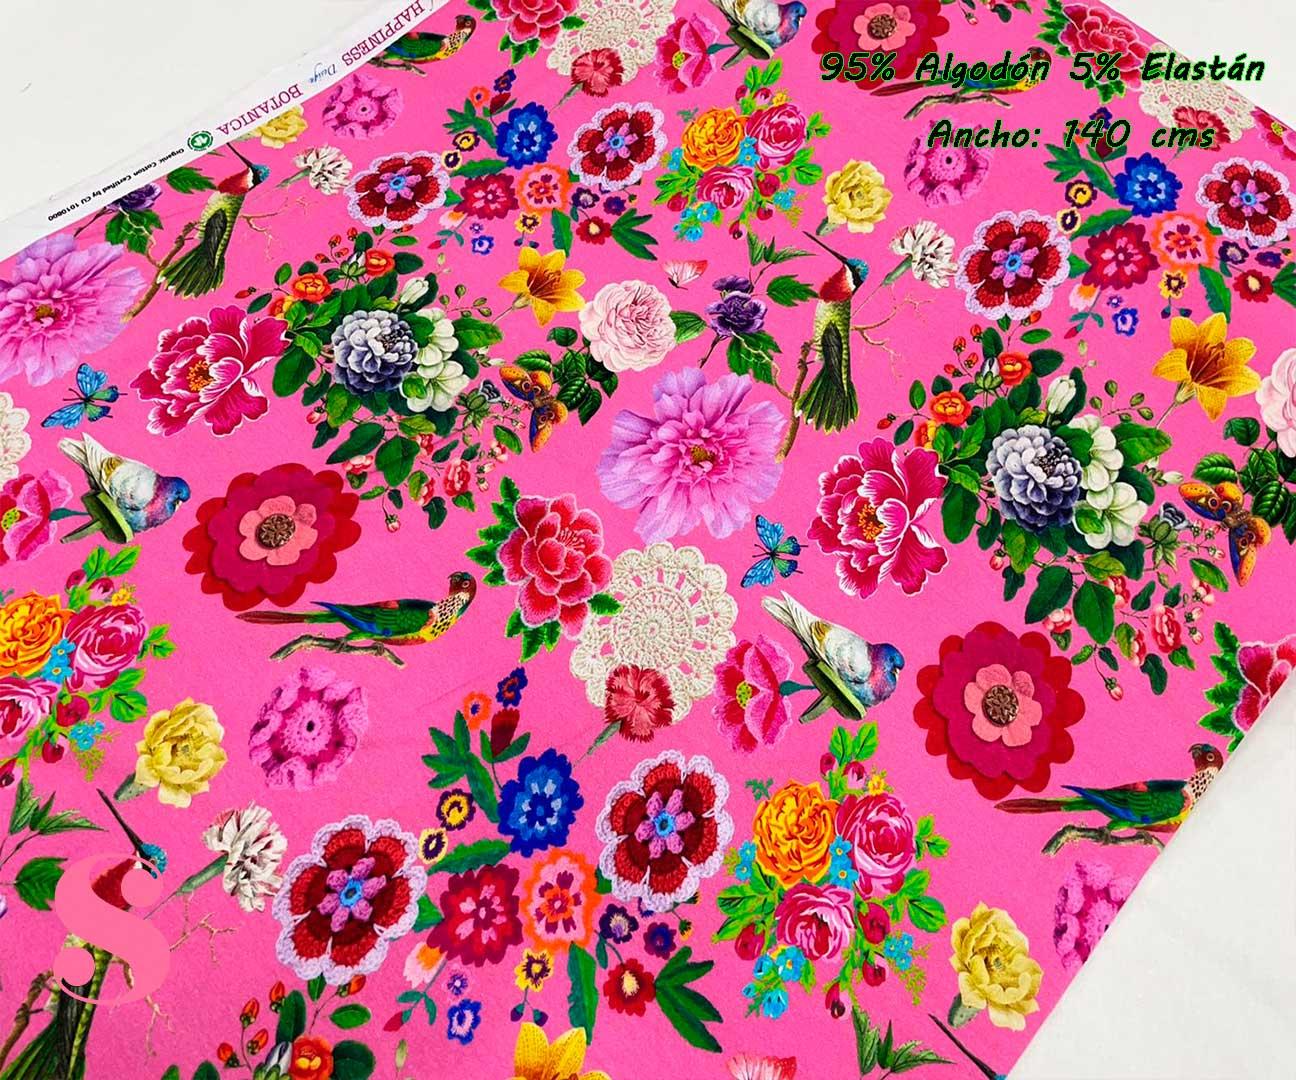 10-telas-de-punto,telas-estampadas-infantiles,tejidos-estampados-para-sudaderas,telas-para-confeccionar-ropa-infantil,Punto Camiseta Jersey Estampado Flores & Pájaros Fucsia